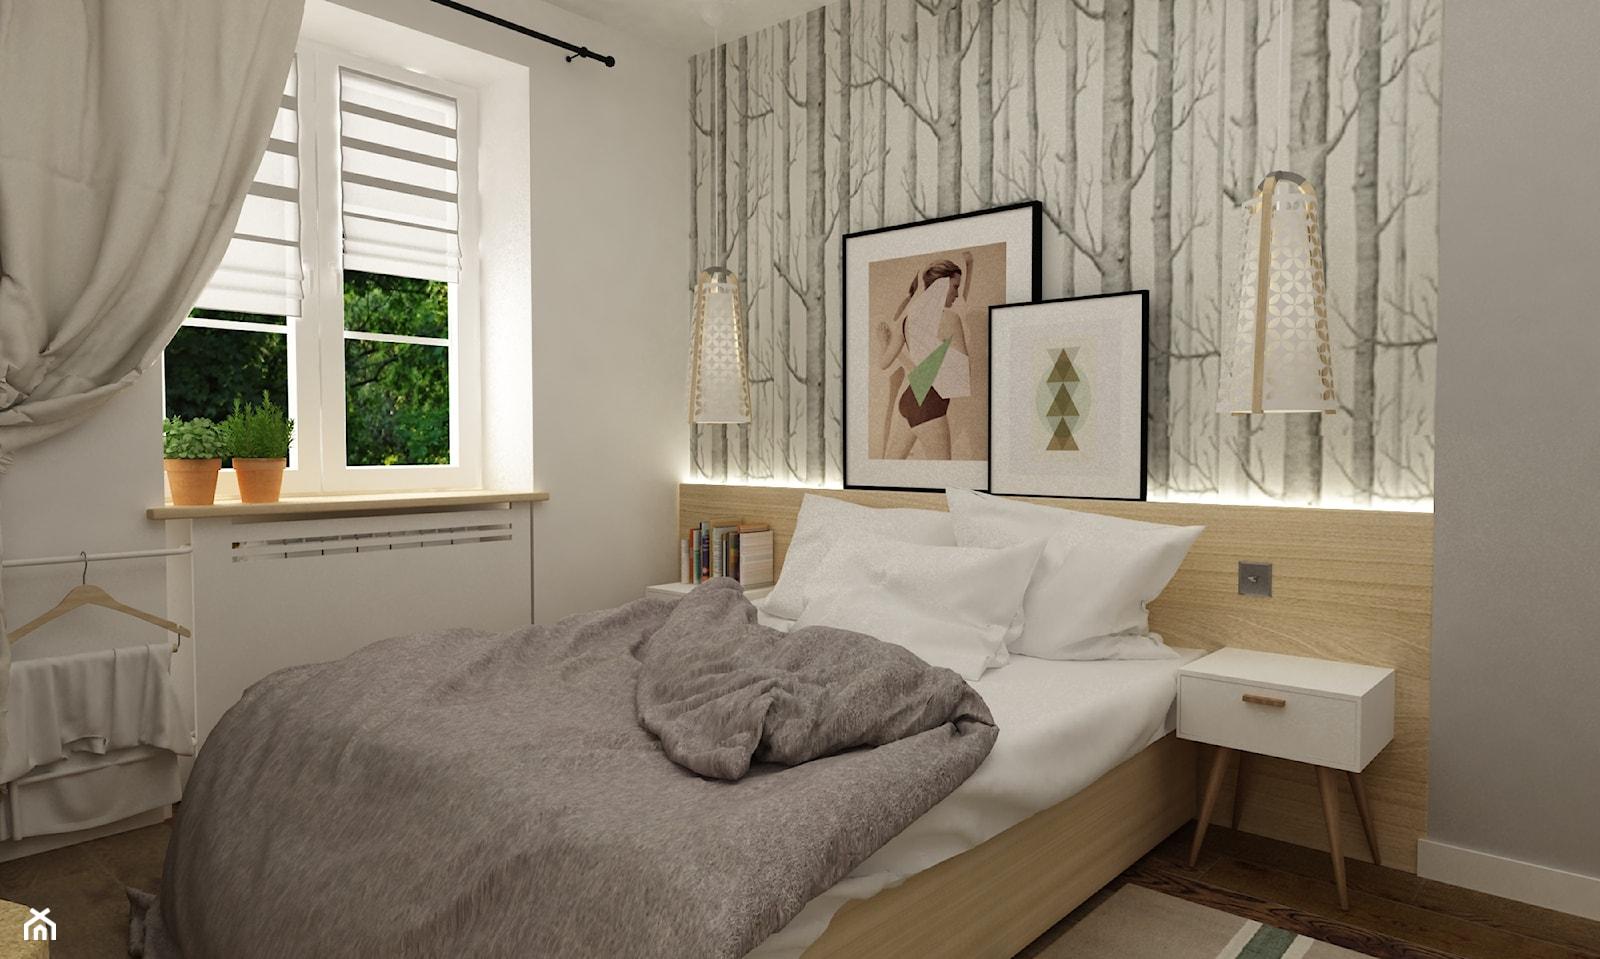 metamorfoza mieszkania 50 m2 w kamienicy - Mała biała szara sypialnia, styl skandynawski - zdjęcie od Grafika i Projekt architektura wnętrz - Homebook